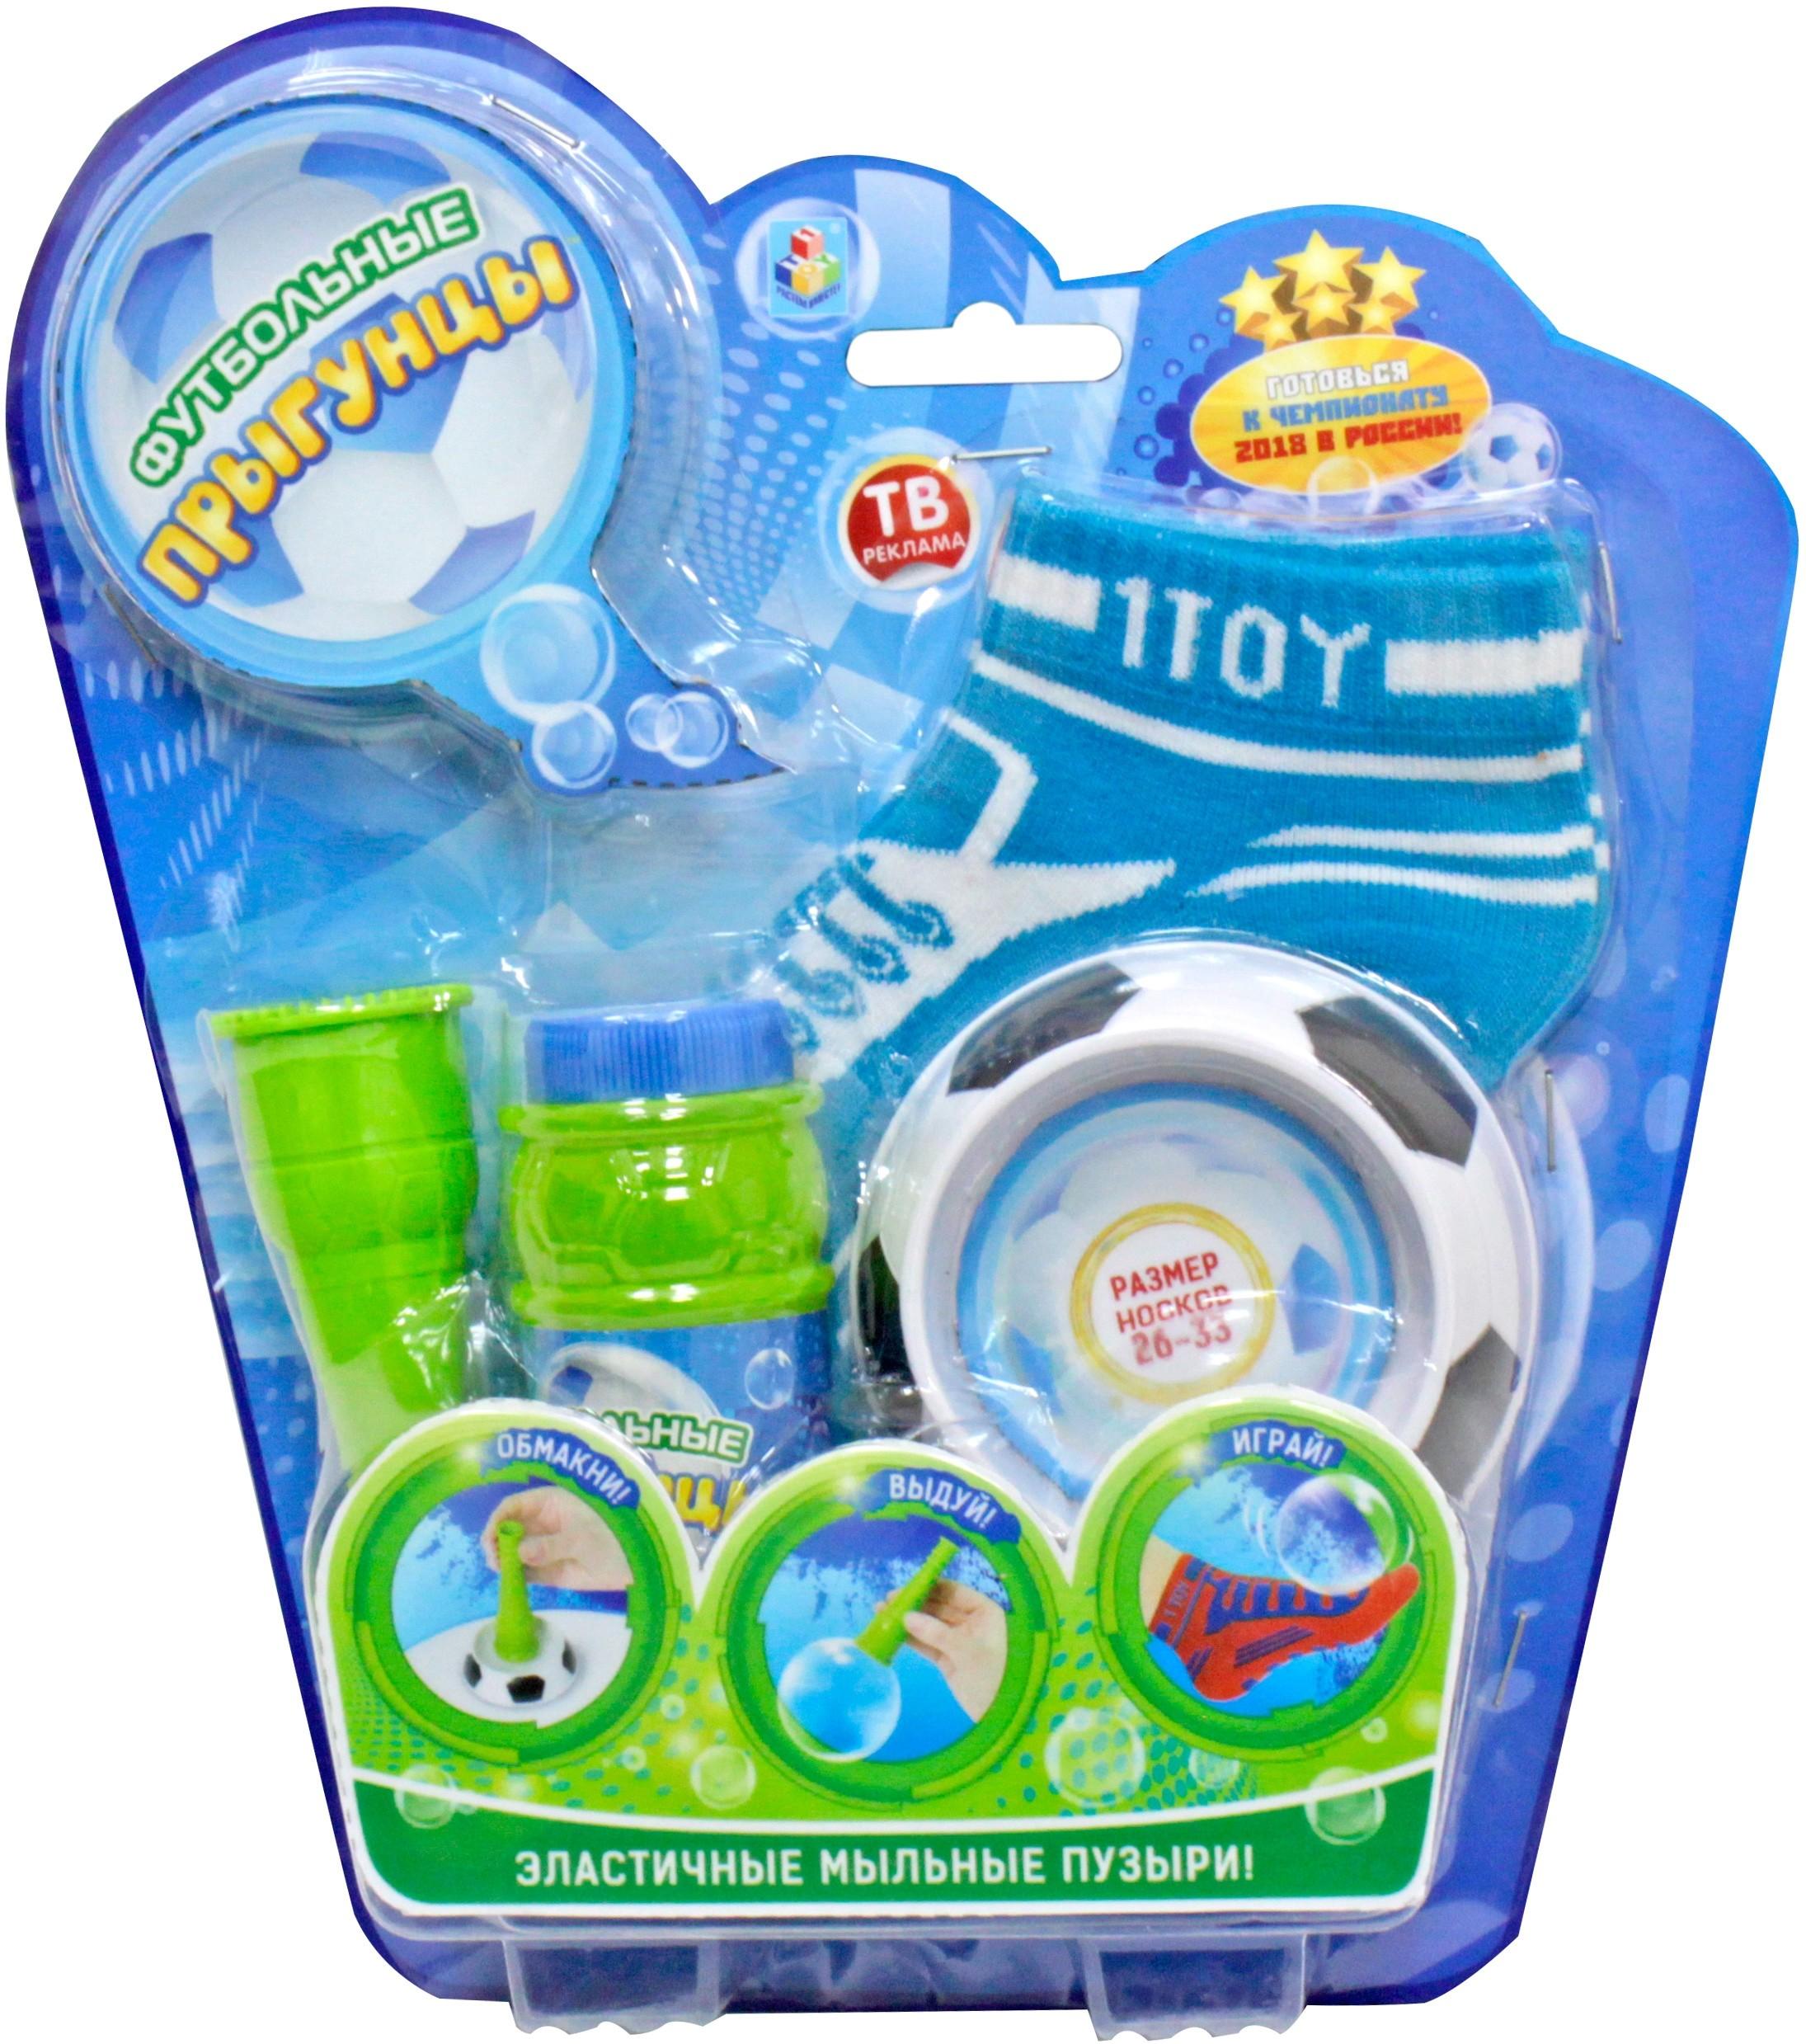 Мыльные пузыри 1toy Футбольные Прыгунцы, размер 26-33 1toy мыльные пузыри футбольные прыгунцы 80 мл т59276